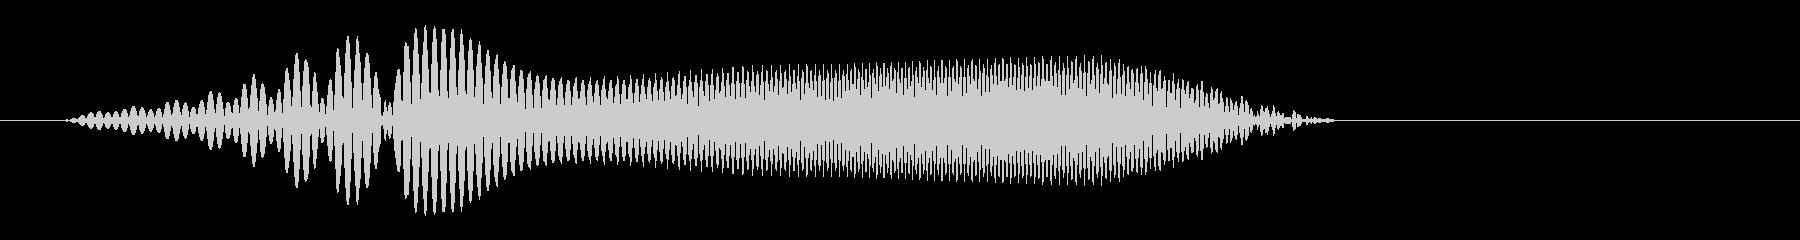 うぇっという勢いのある音の未再生の波形